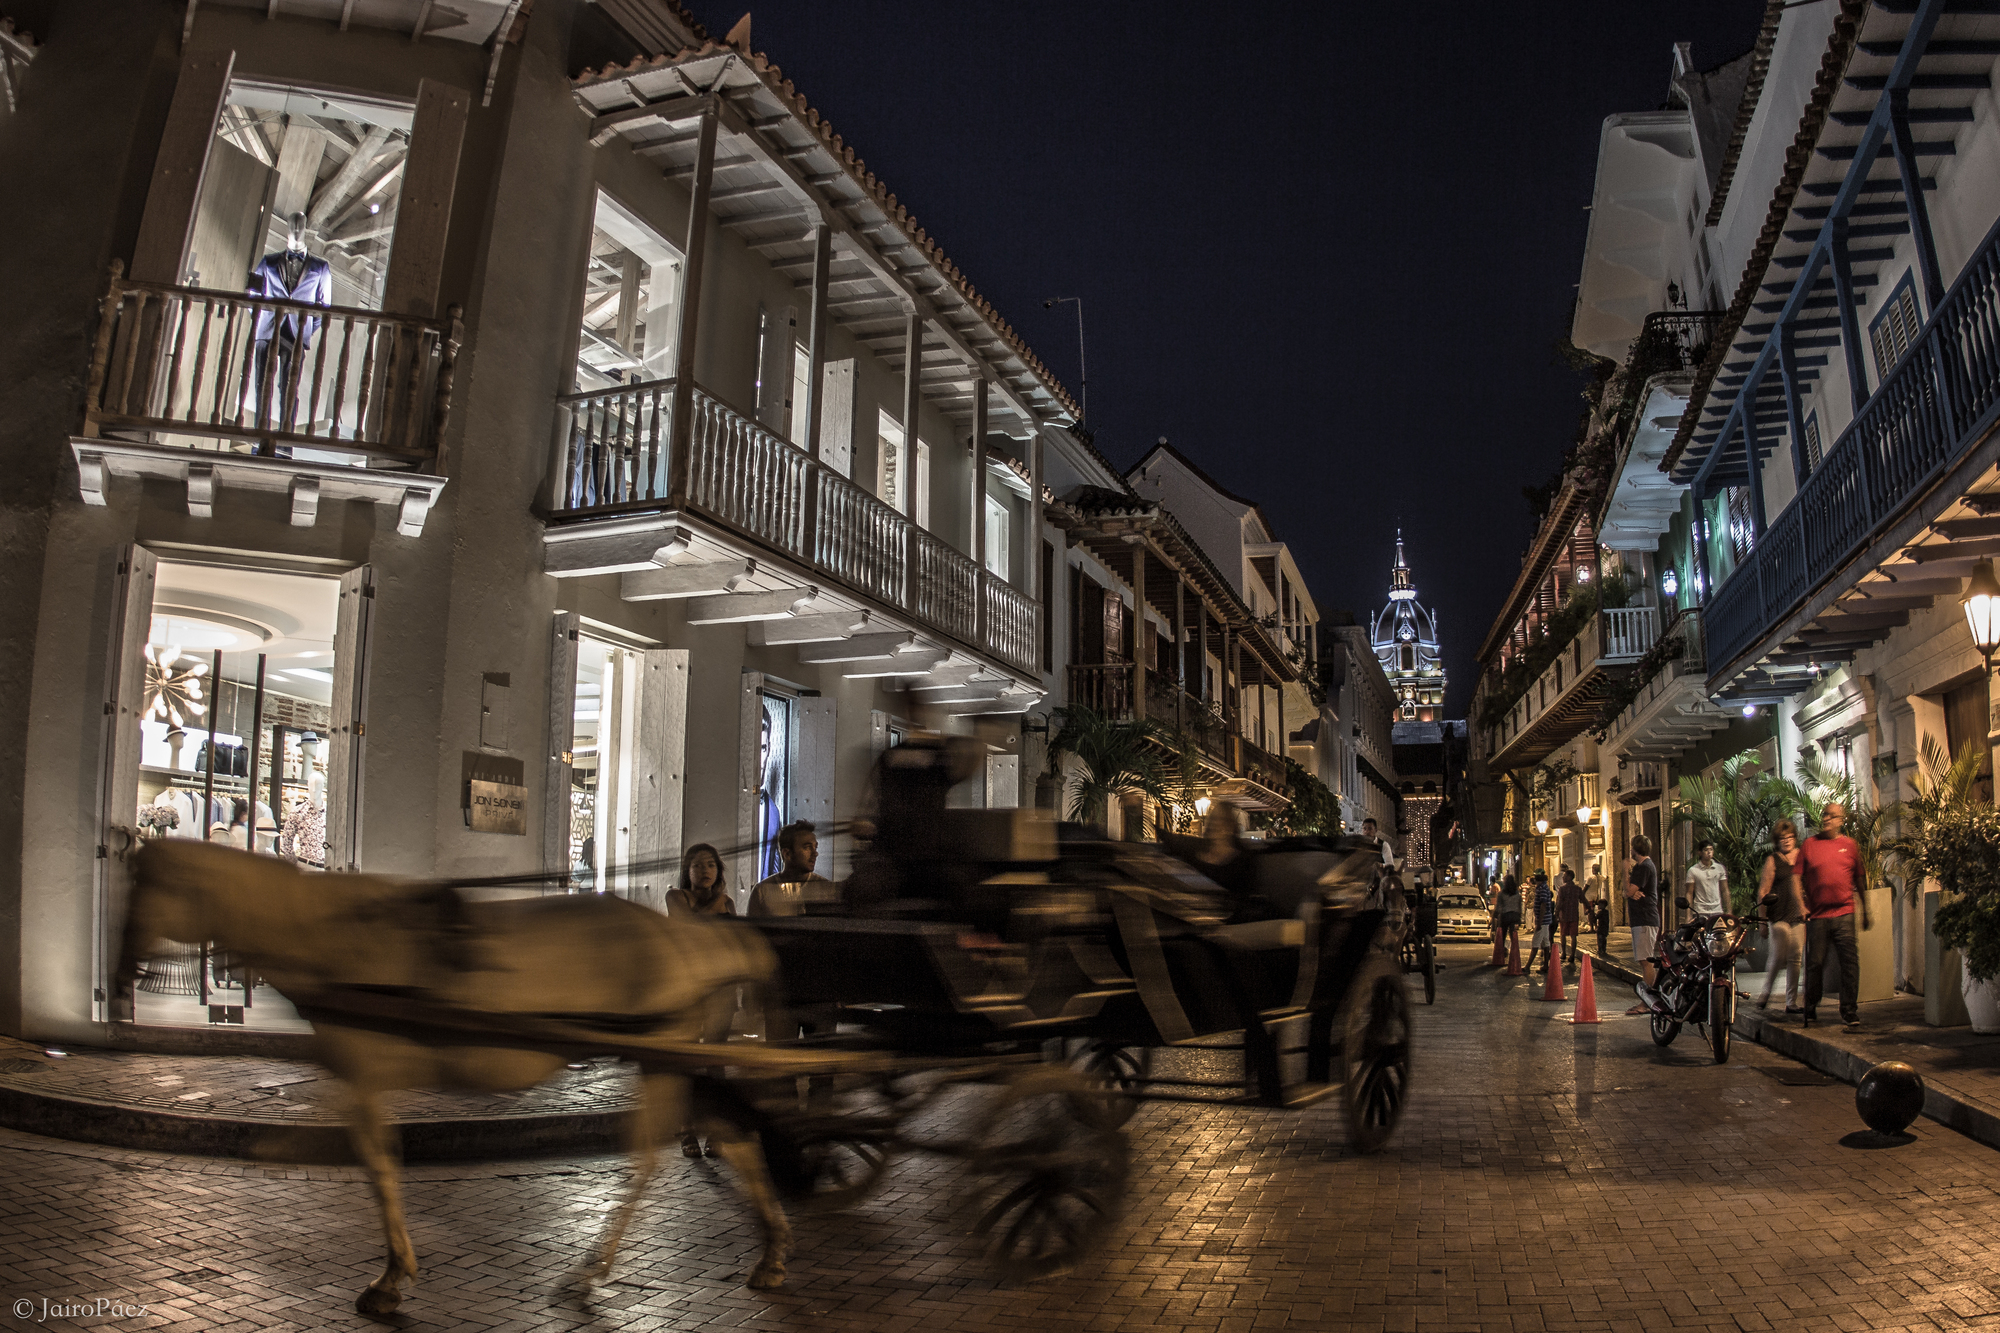 Cartagena Tag Plataforma Arquitectura # Muebles Cartagena Colombia